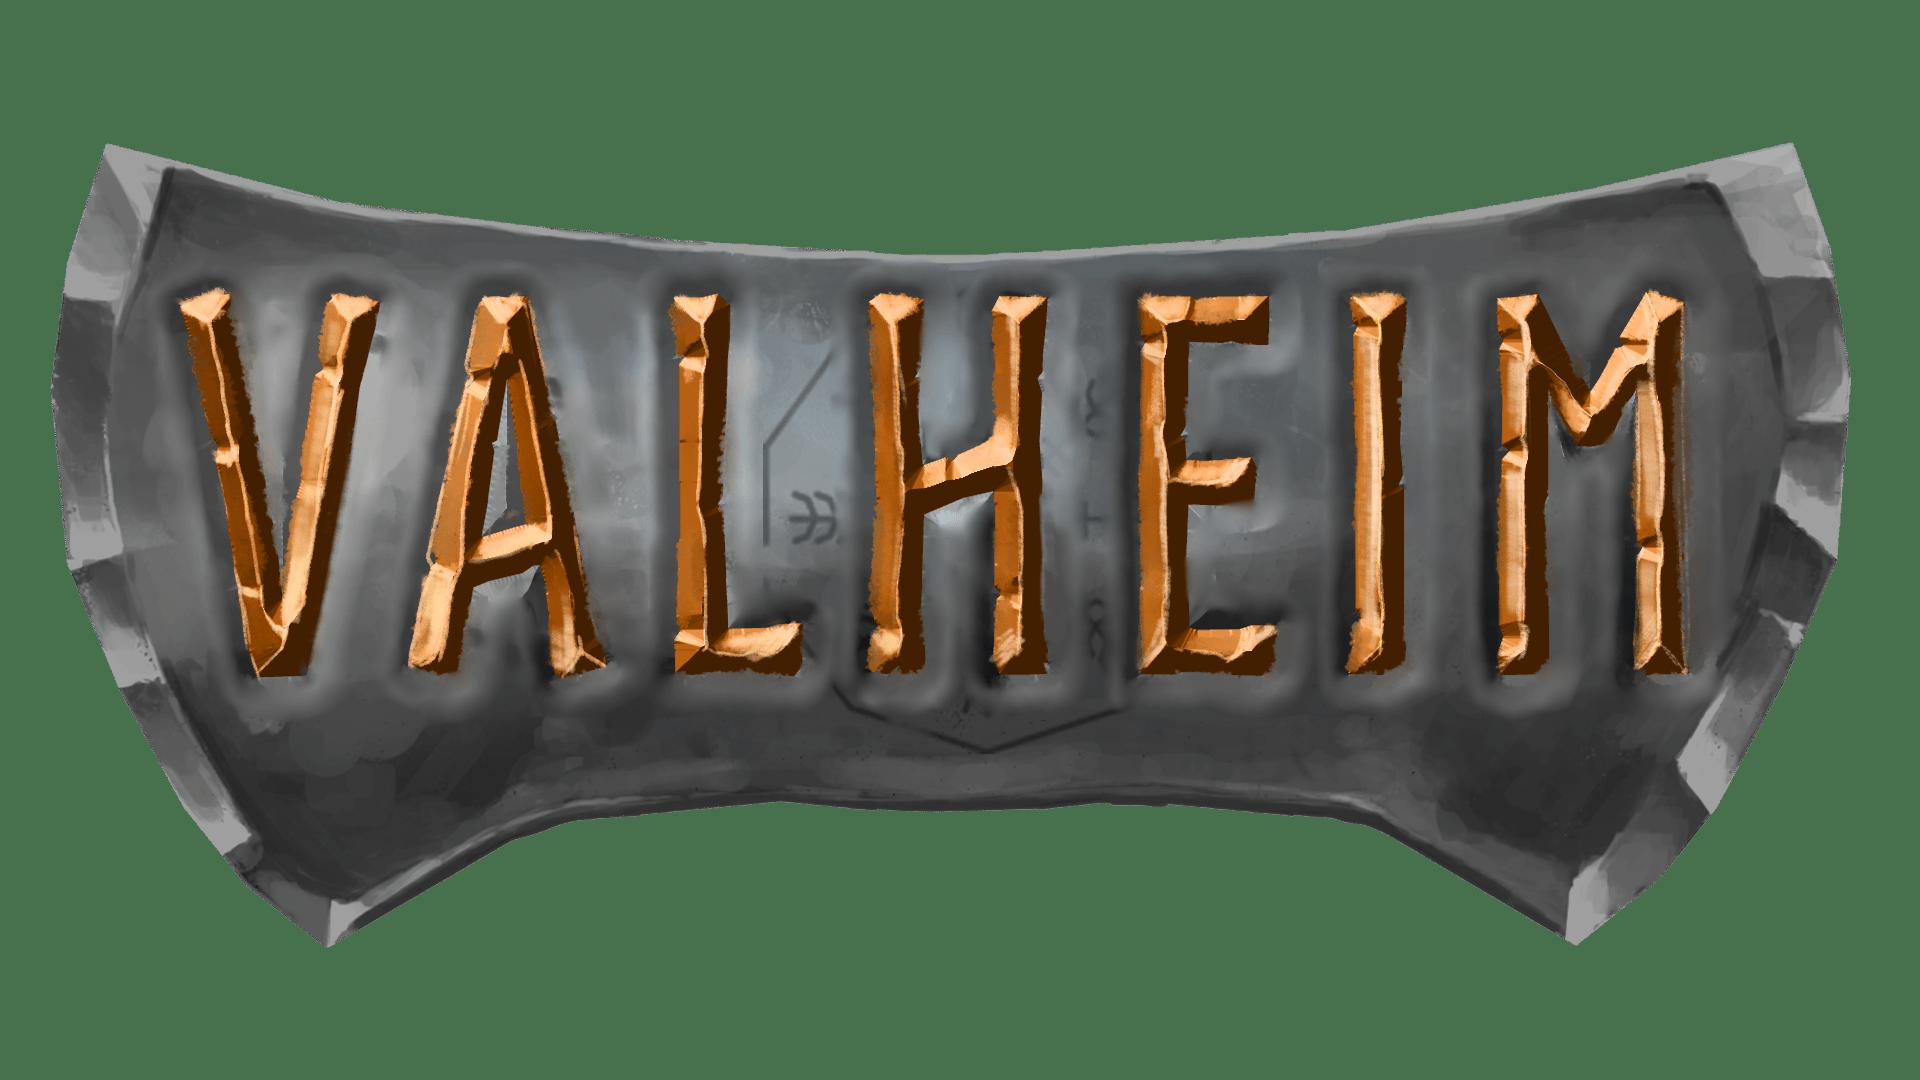 valheim_logo-image